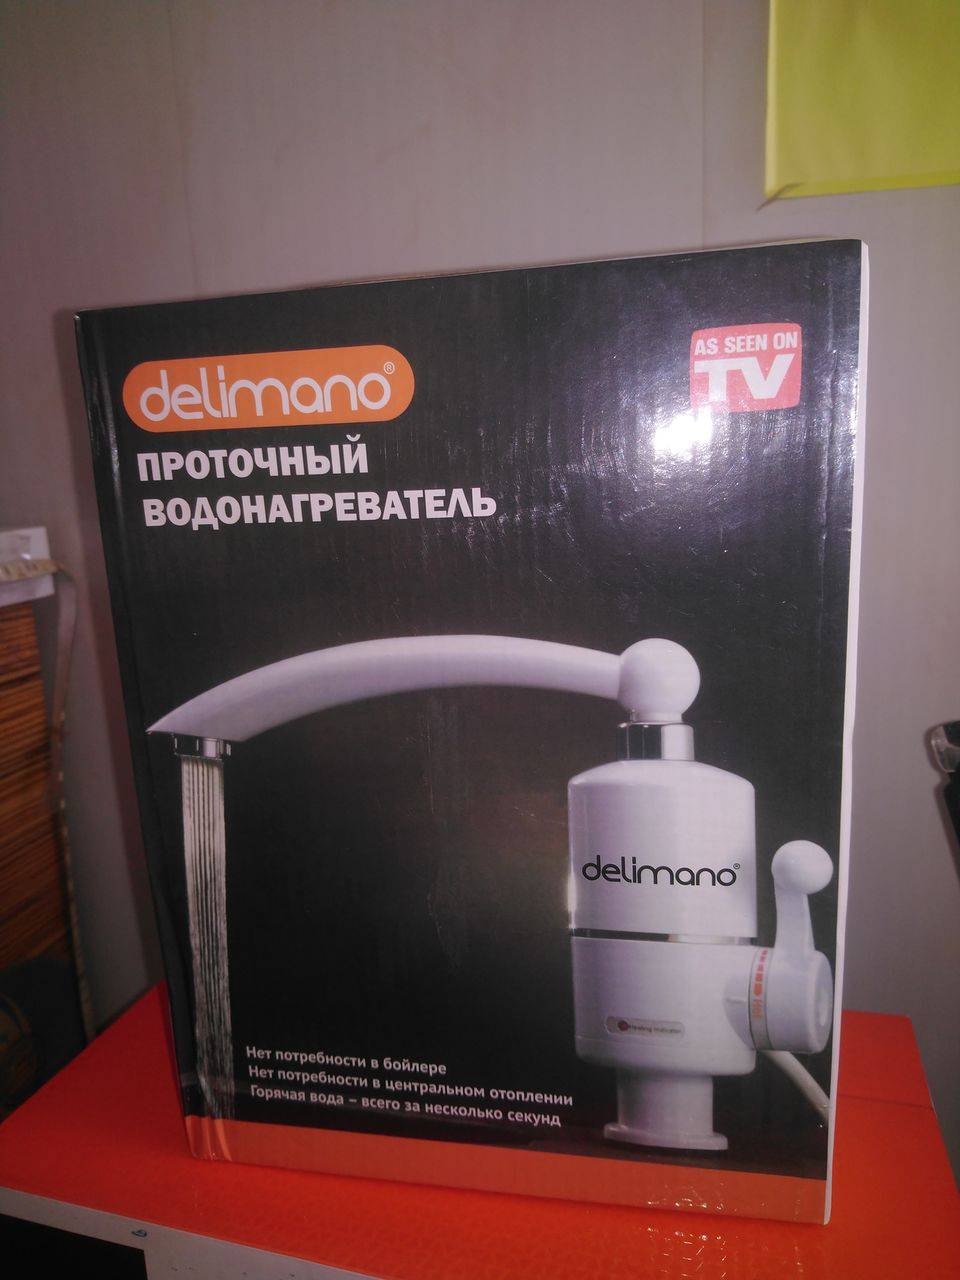 Кран с мгновенным проточным водонагревателем delimano: критерии выбора